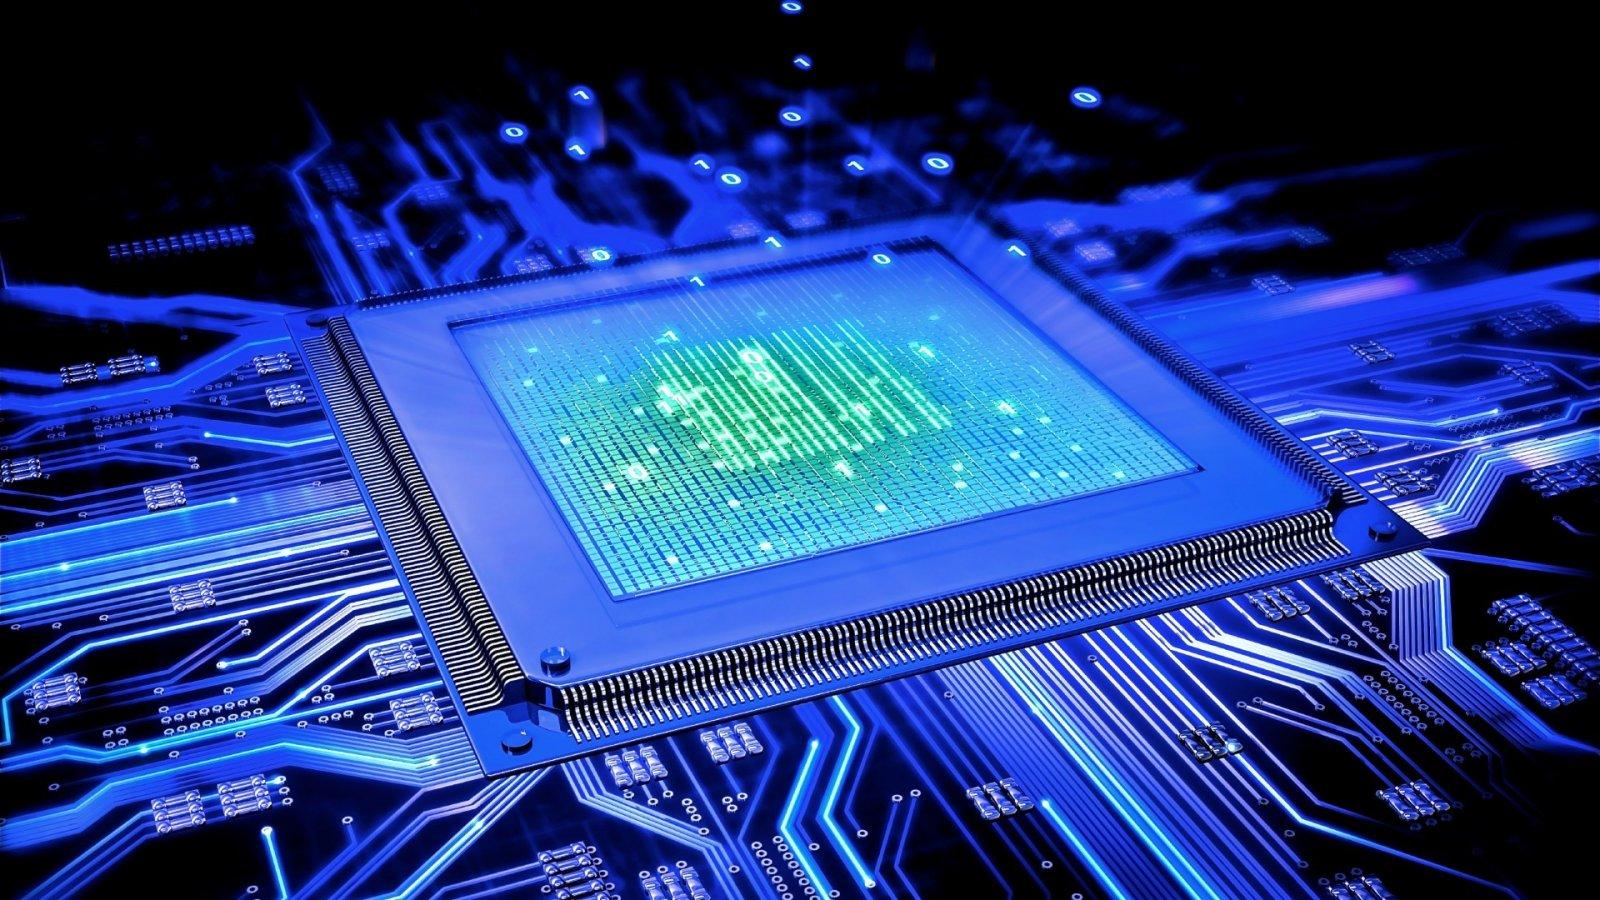 Учёные разработали новую микропроцессорную технологию